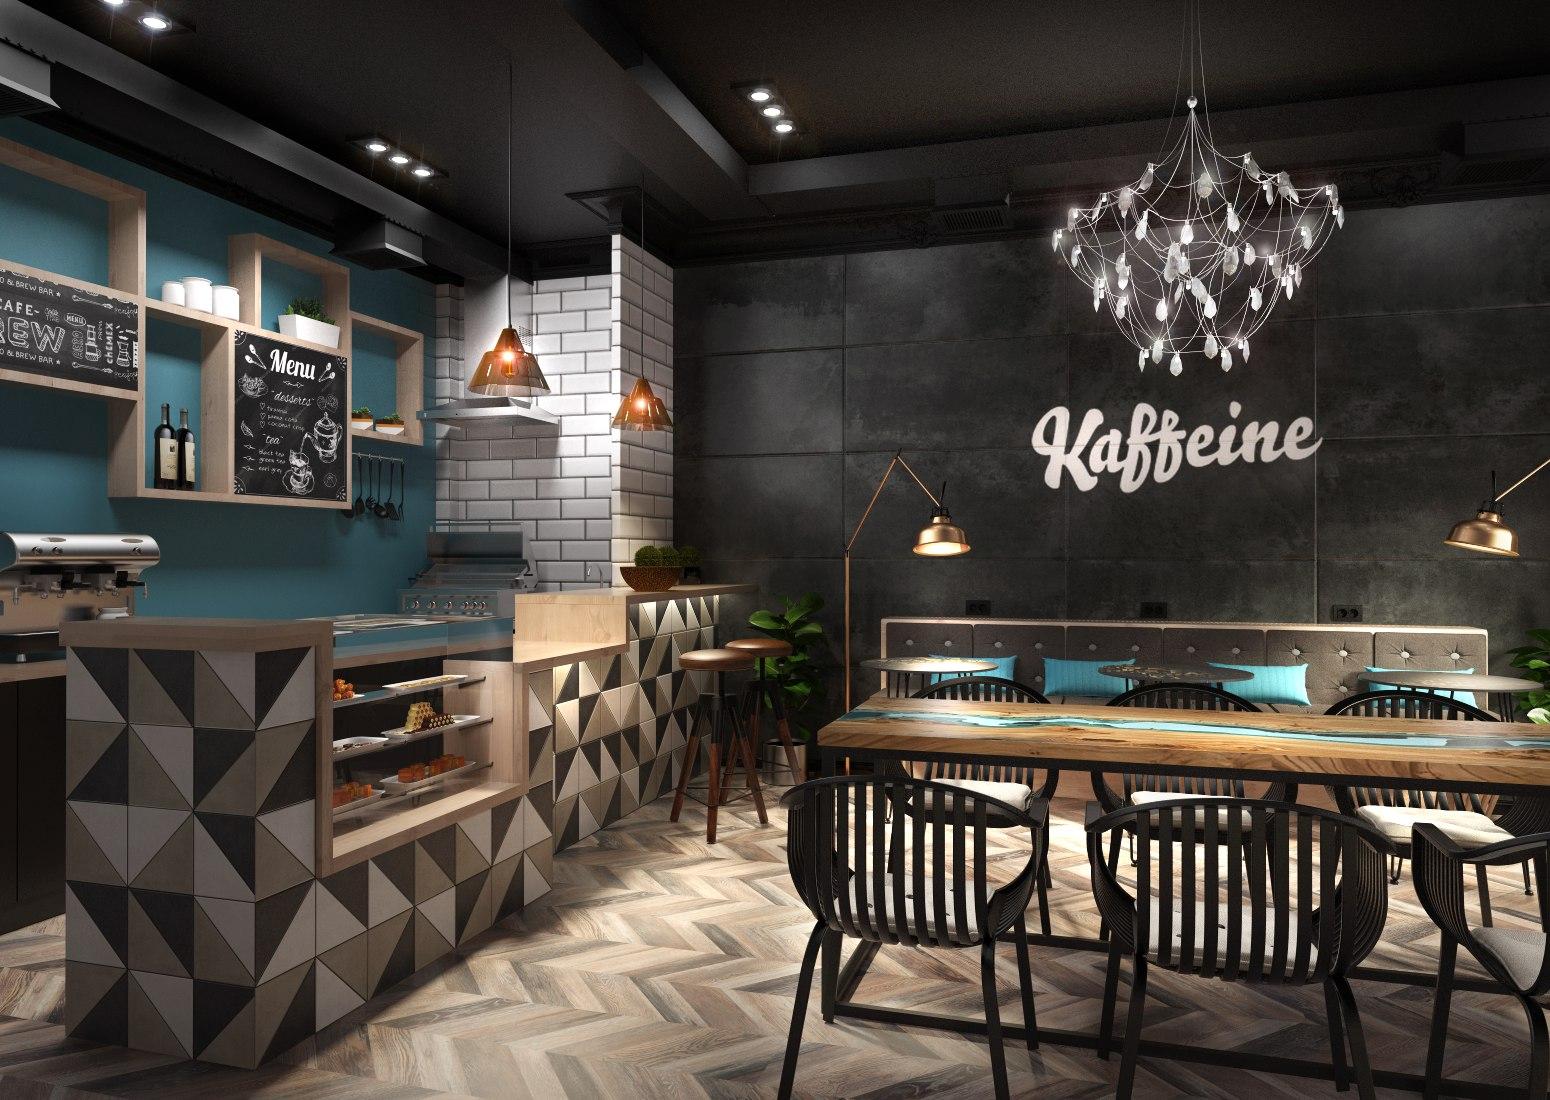 Дизайн кофеен 2019: фото, интерьеры, стили, оформление